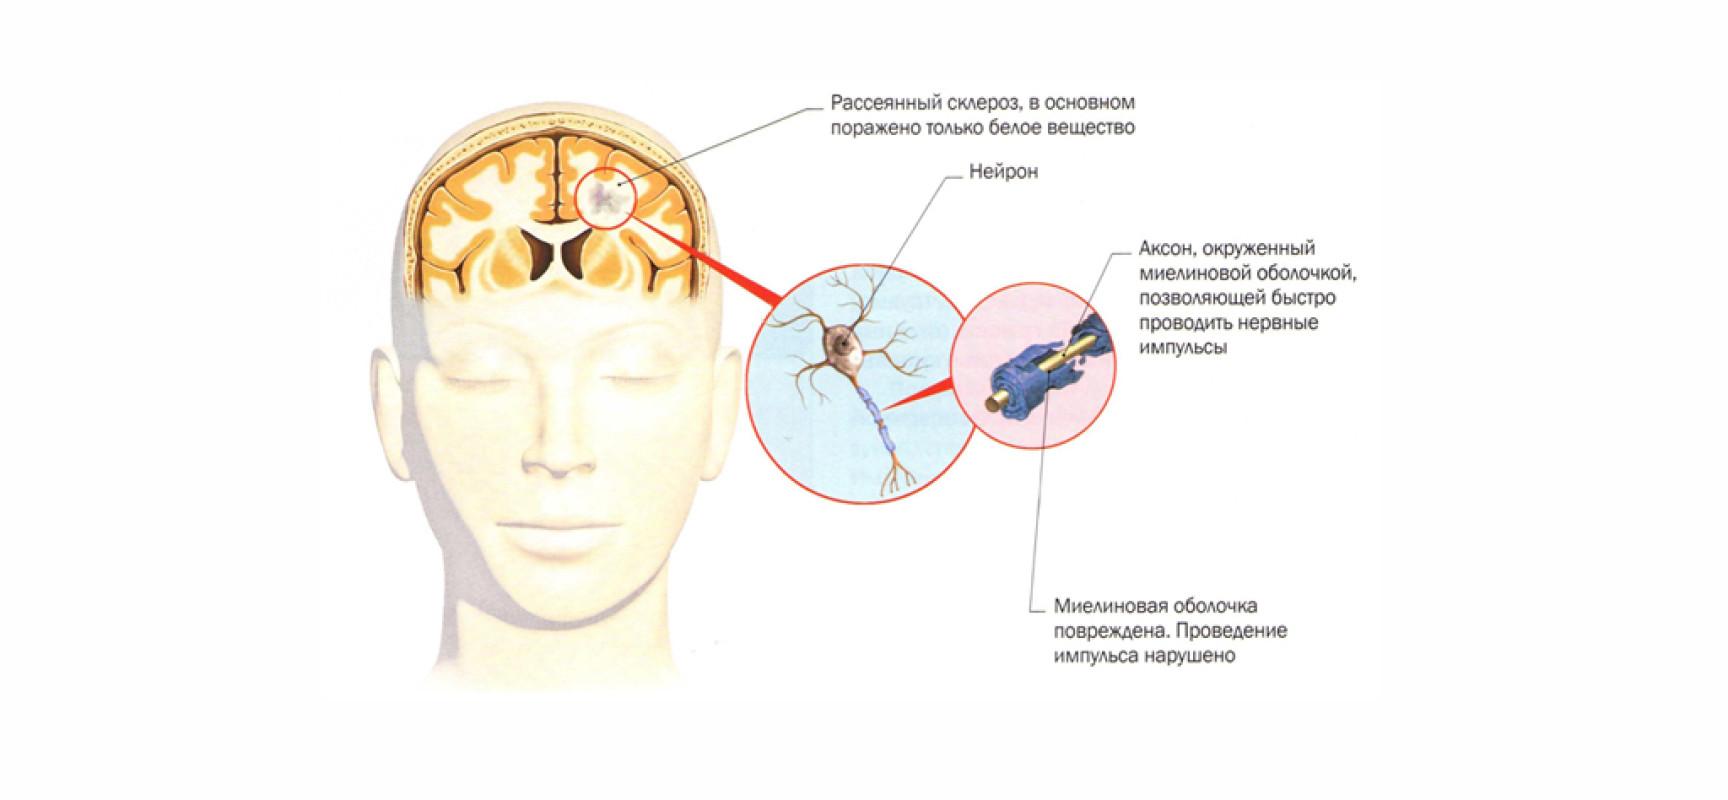 лечение рассеянного склероза в россии выдр коже